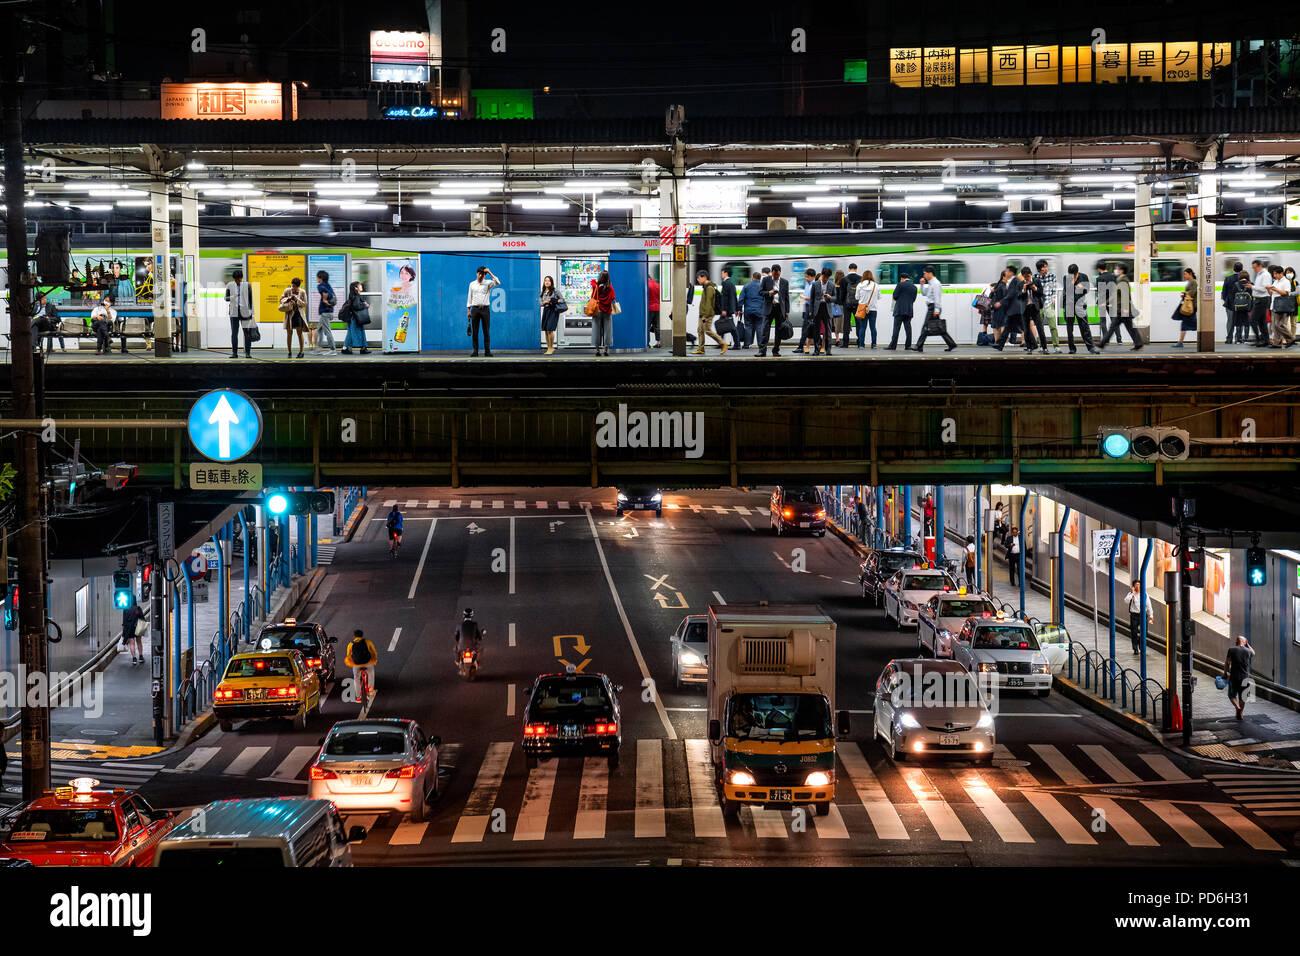 L'île de Honshu, Japon, Tokyo, Kanto, une gare ferroviaire et une sous trafic road le long de la ligne Yamanote. Photo Stock